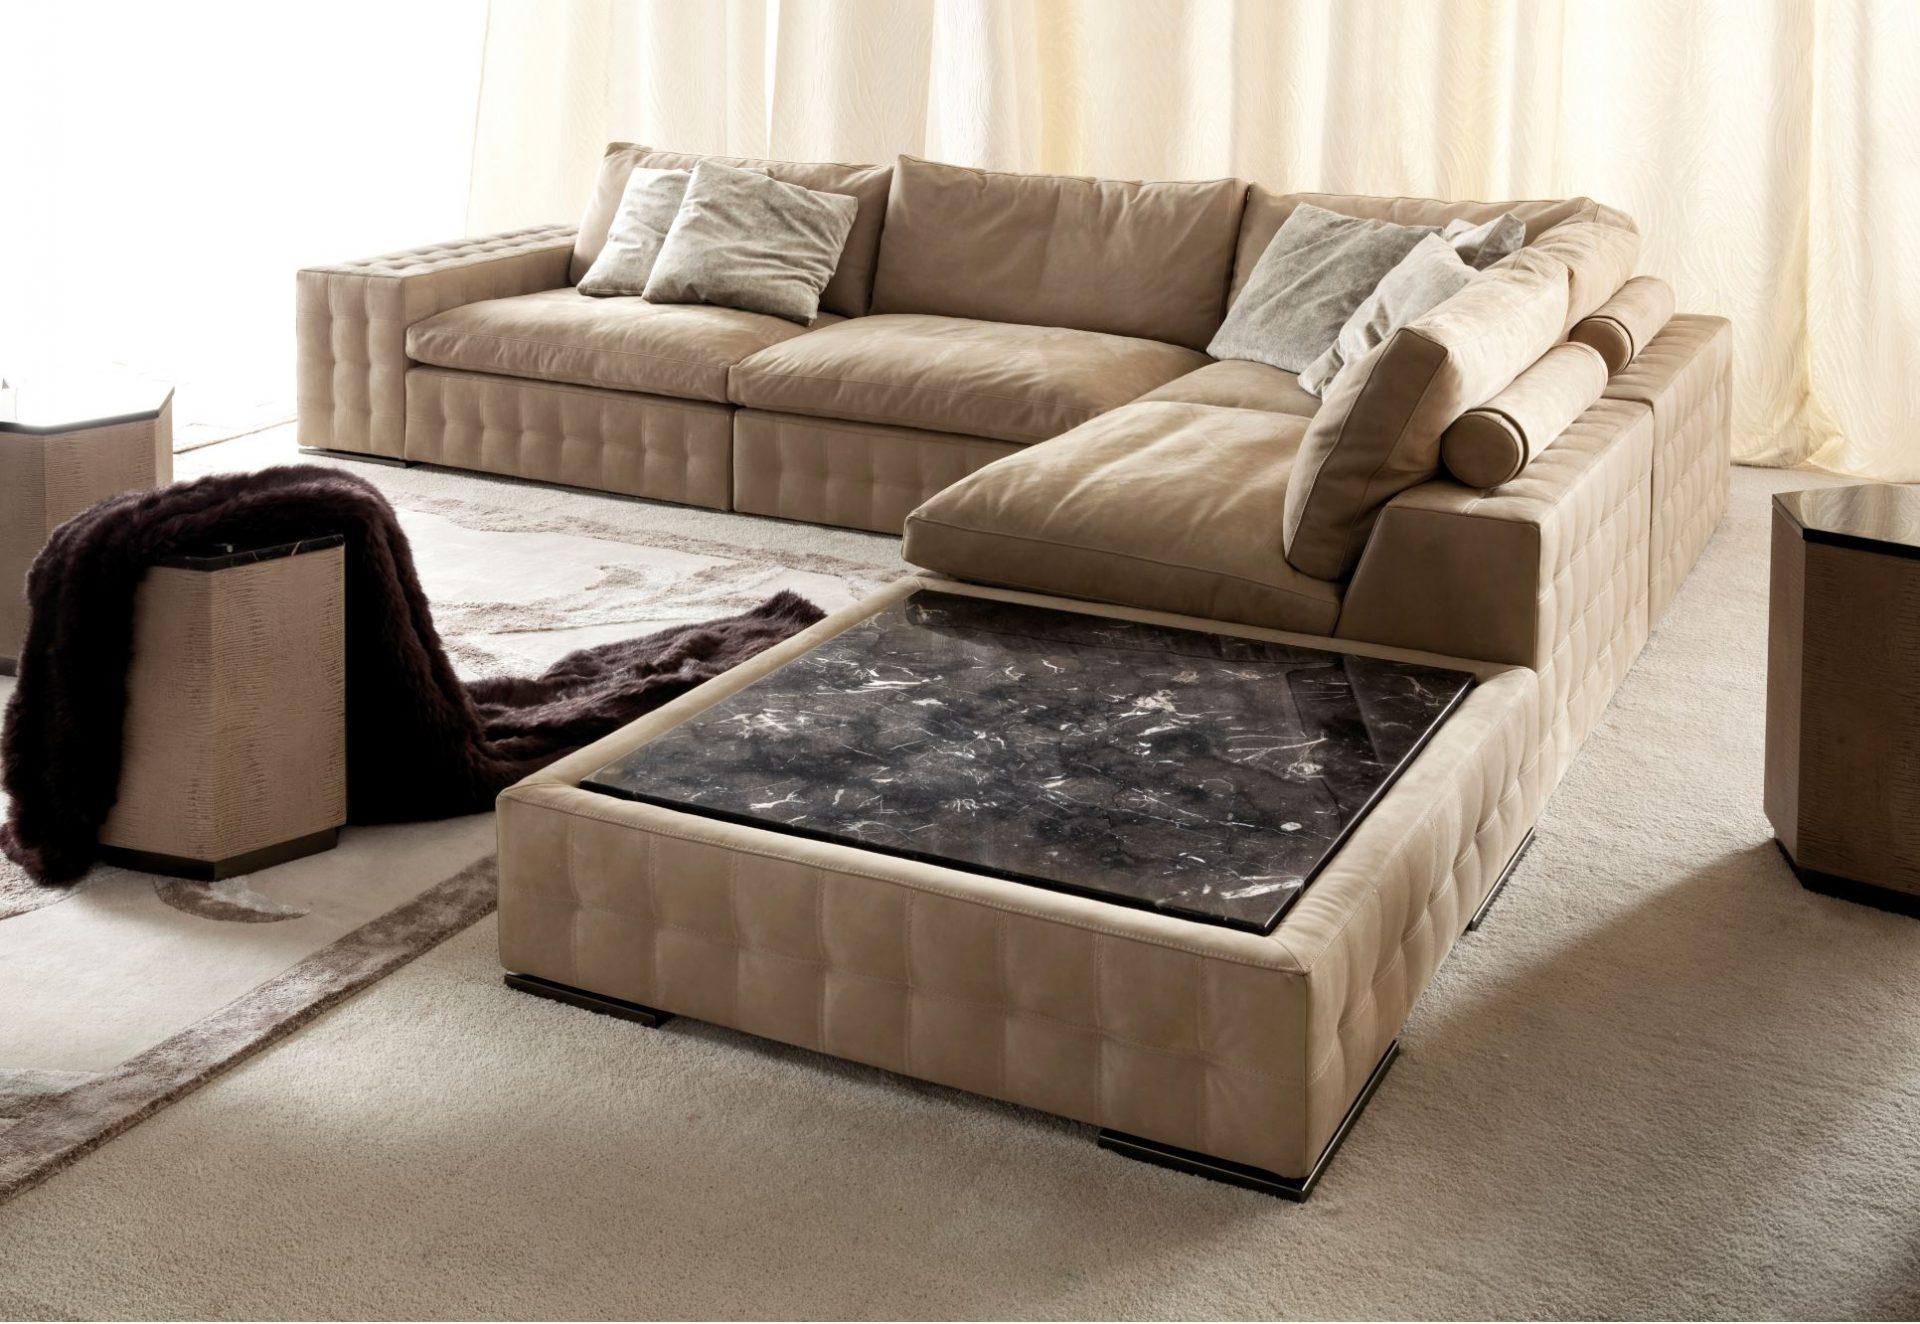 Lifetime Modular Lounge